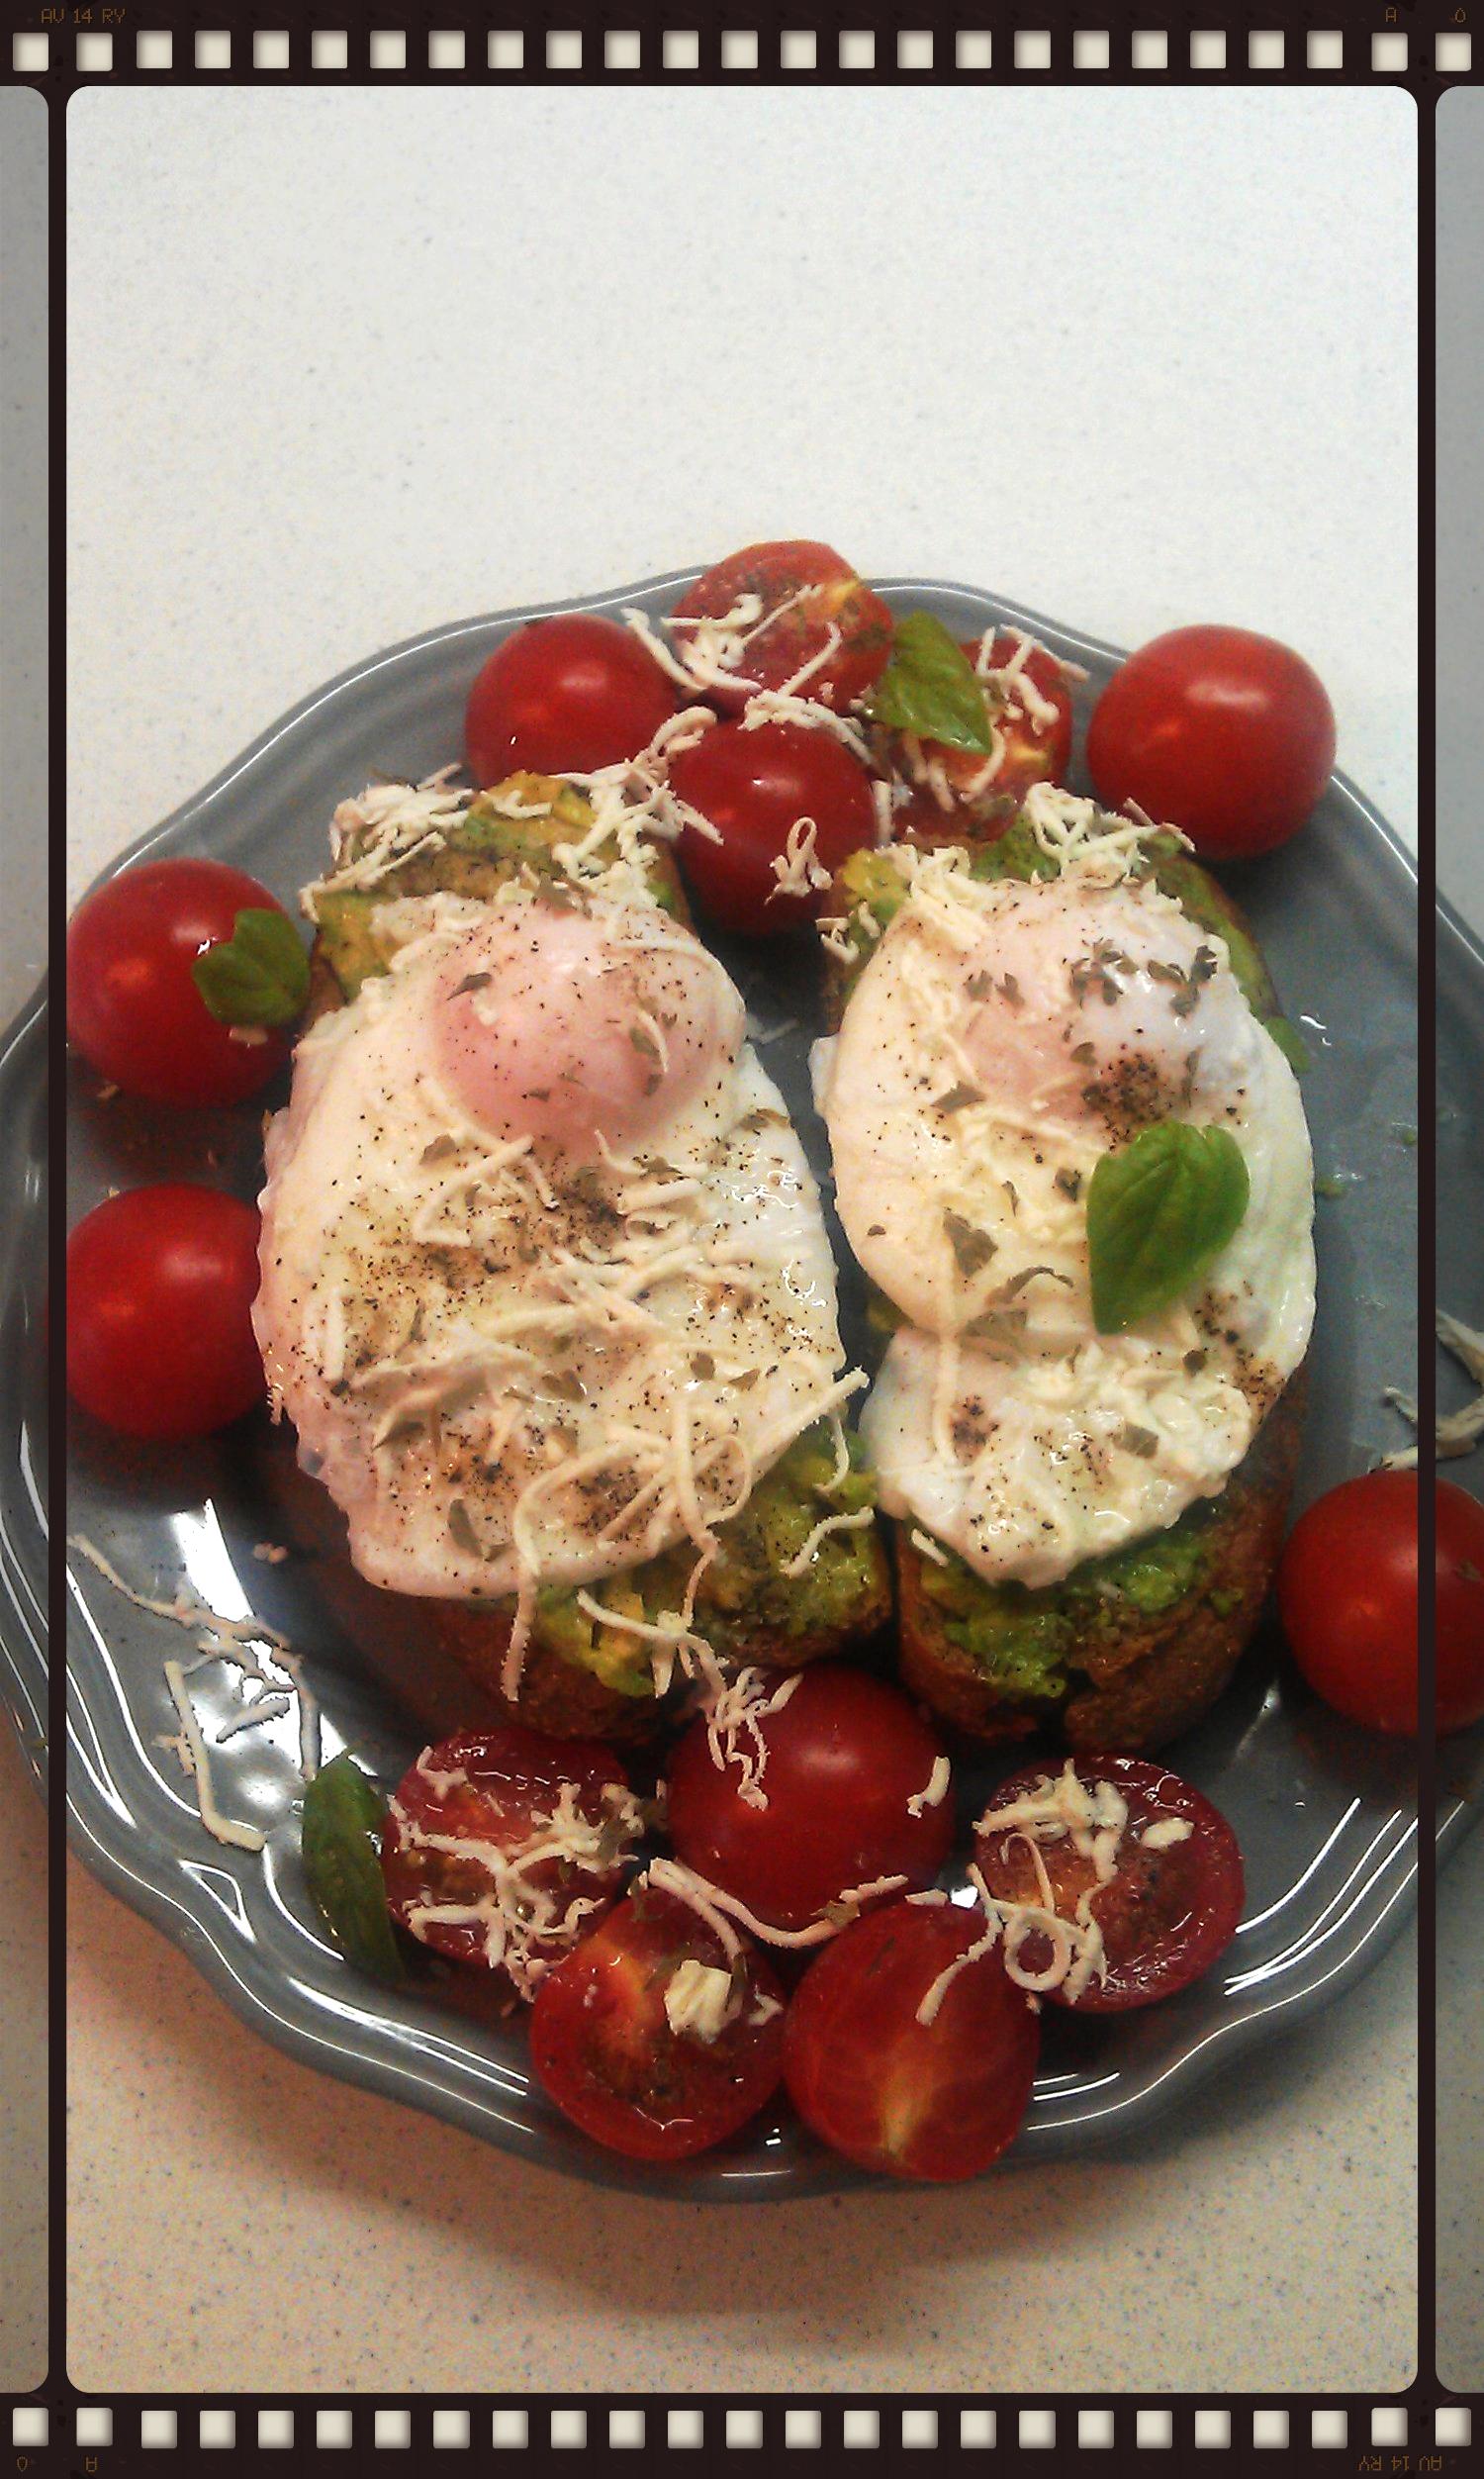 Προσθέτουμε το αβγό, αλάτι, πιπέρι, τα μυρωδικά και γαρίρουμε με ντοματίνια και τριμμένη φέτα.